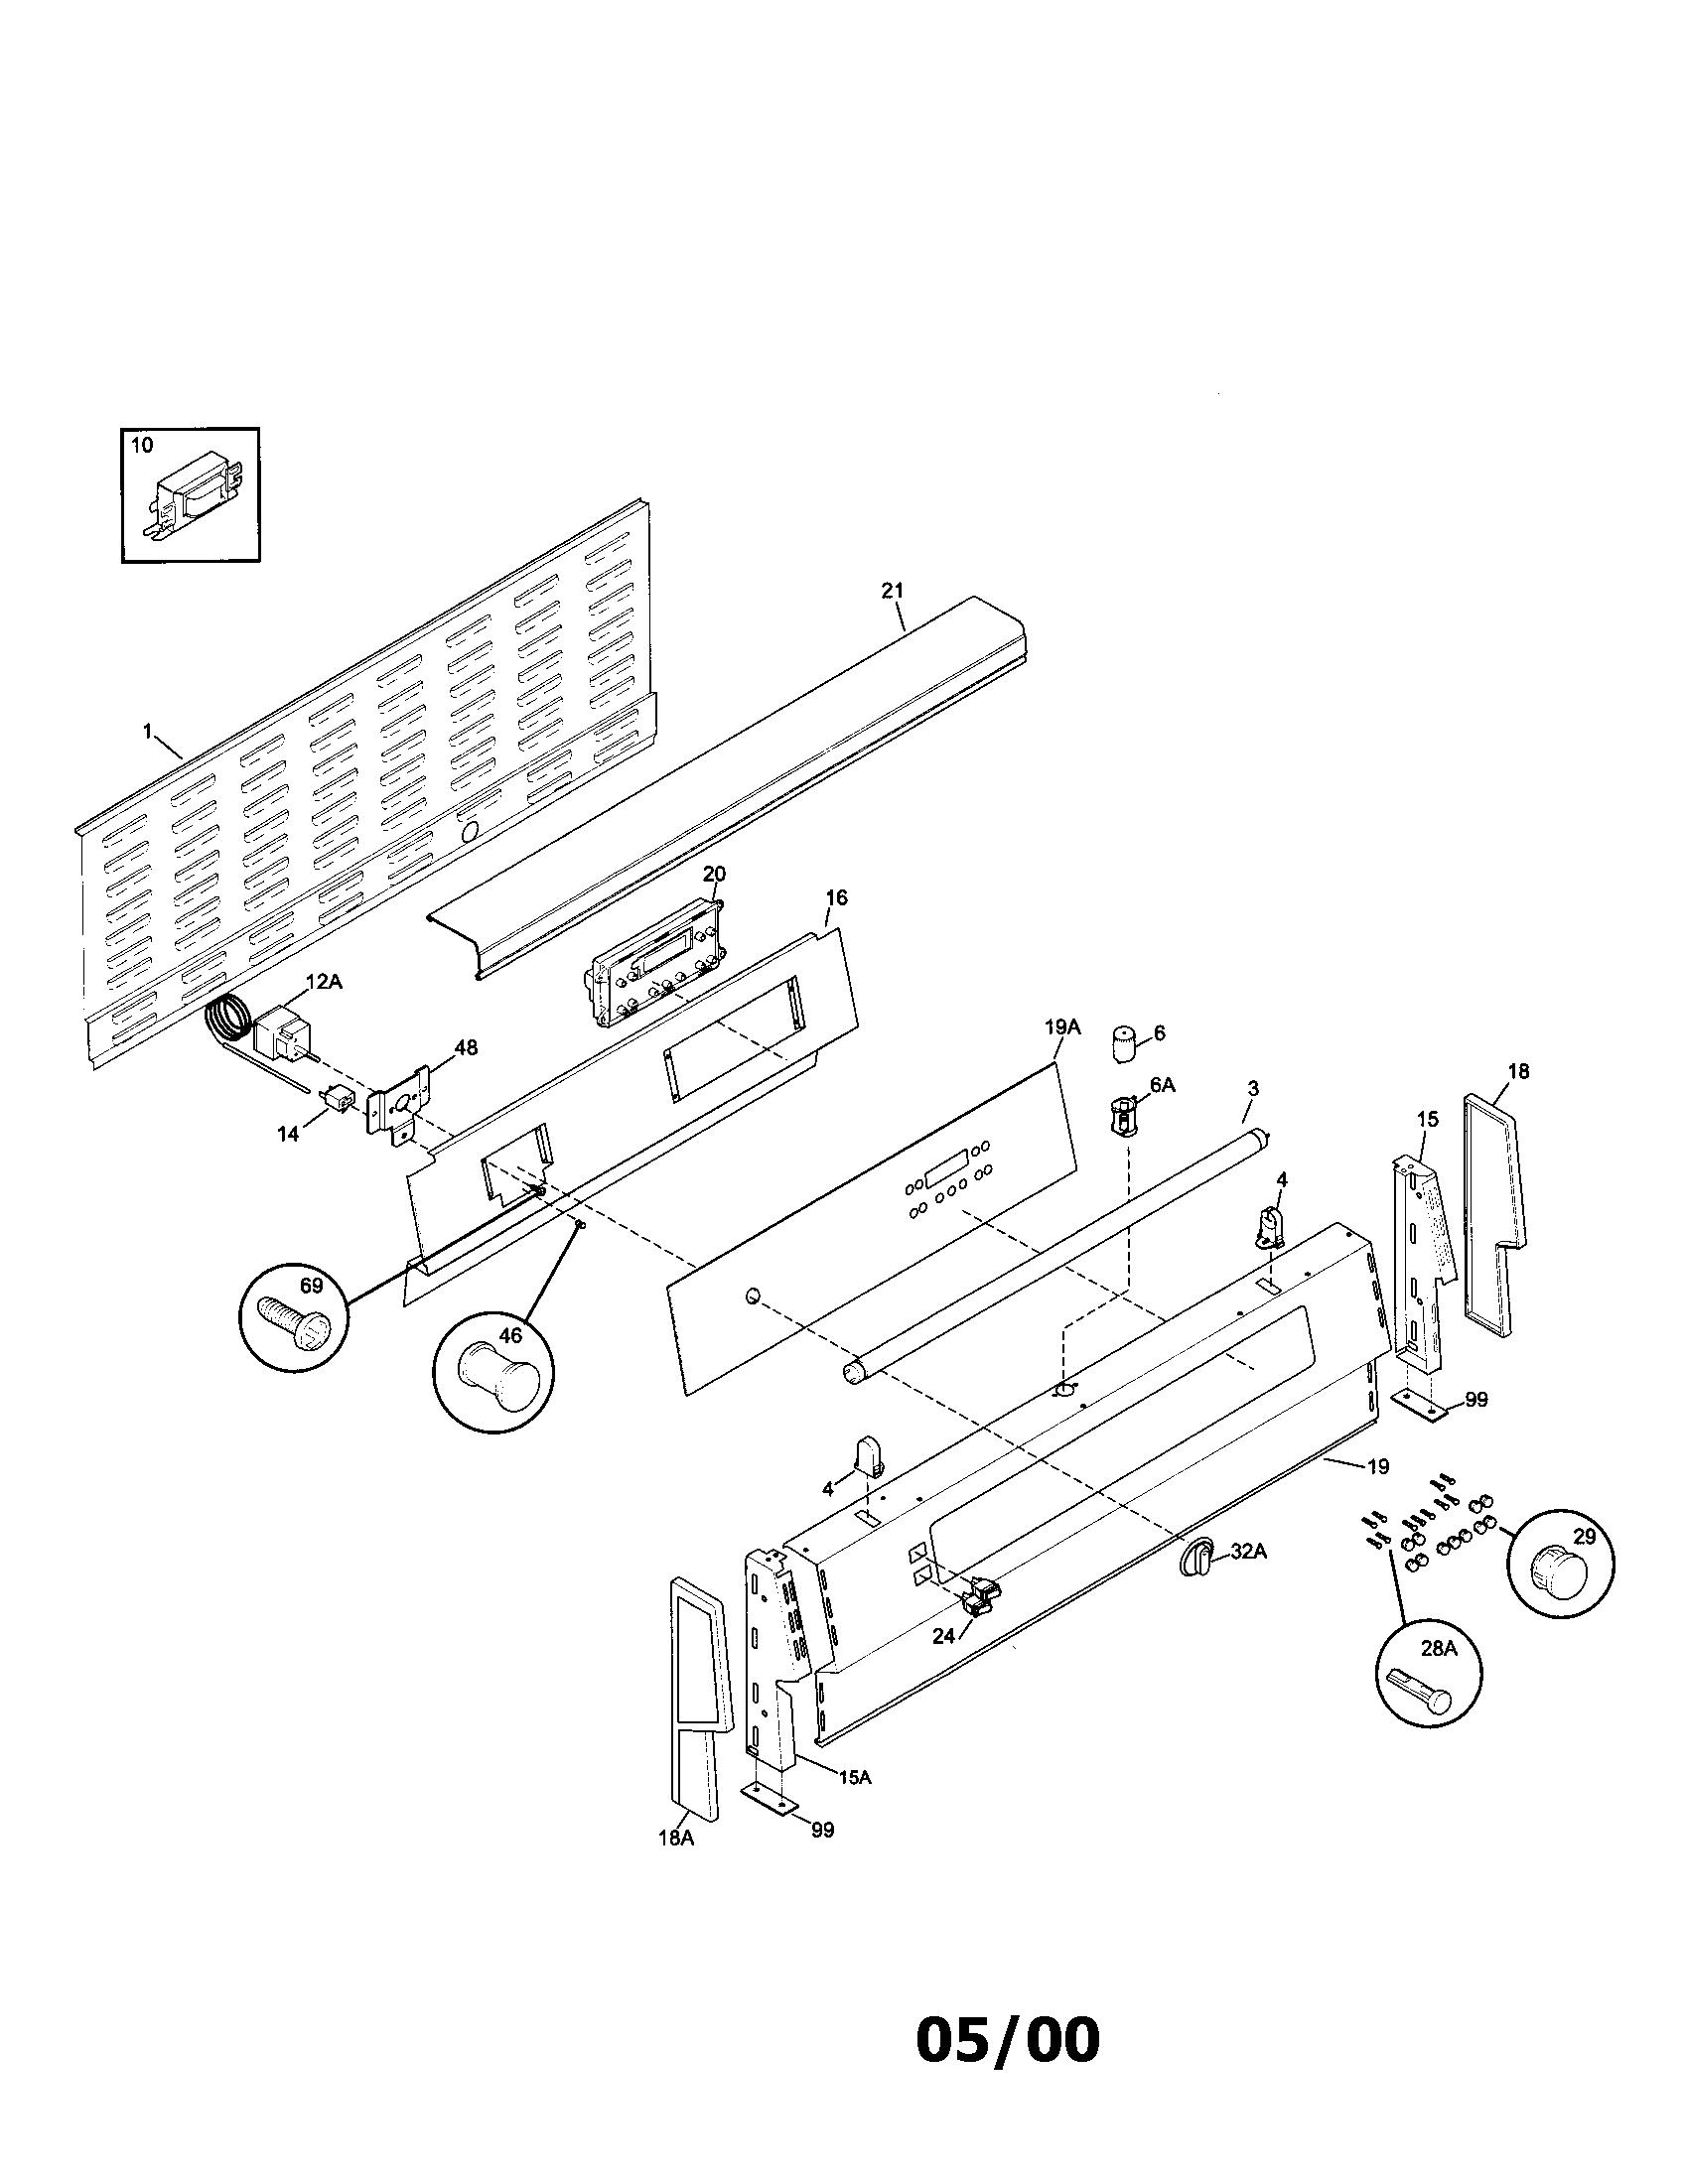 Oven Range Schematic